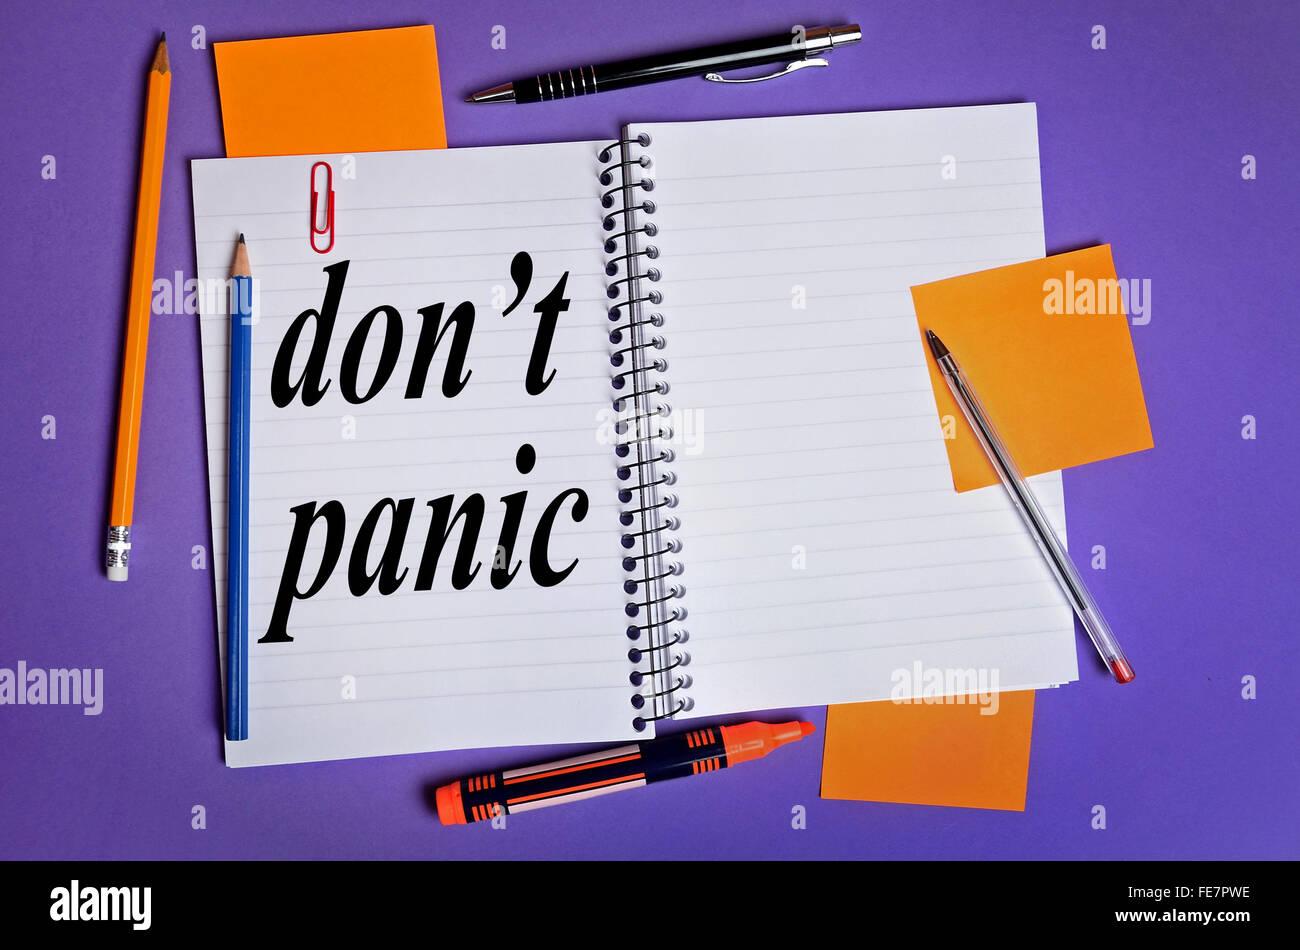 9911b4fed Dont Panic Stock Photos & Dont Panic Stock Images - Alamy